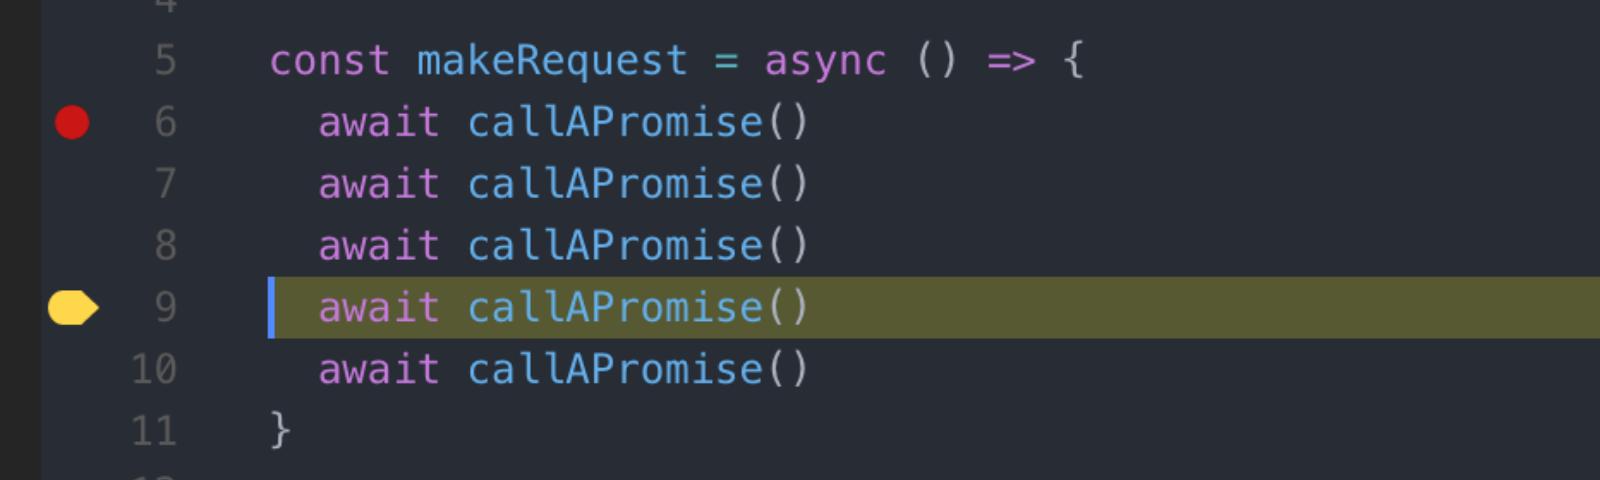 asynchronous calls